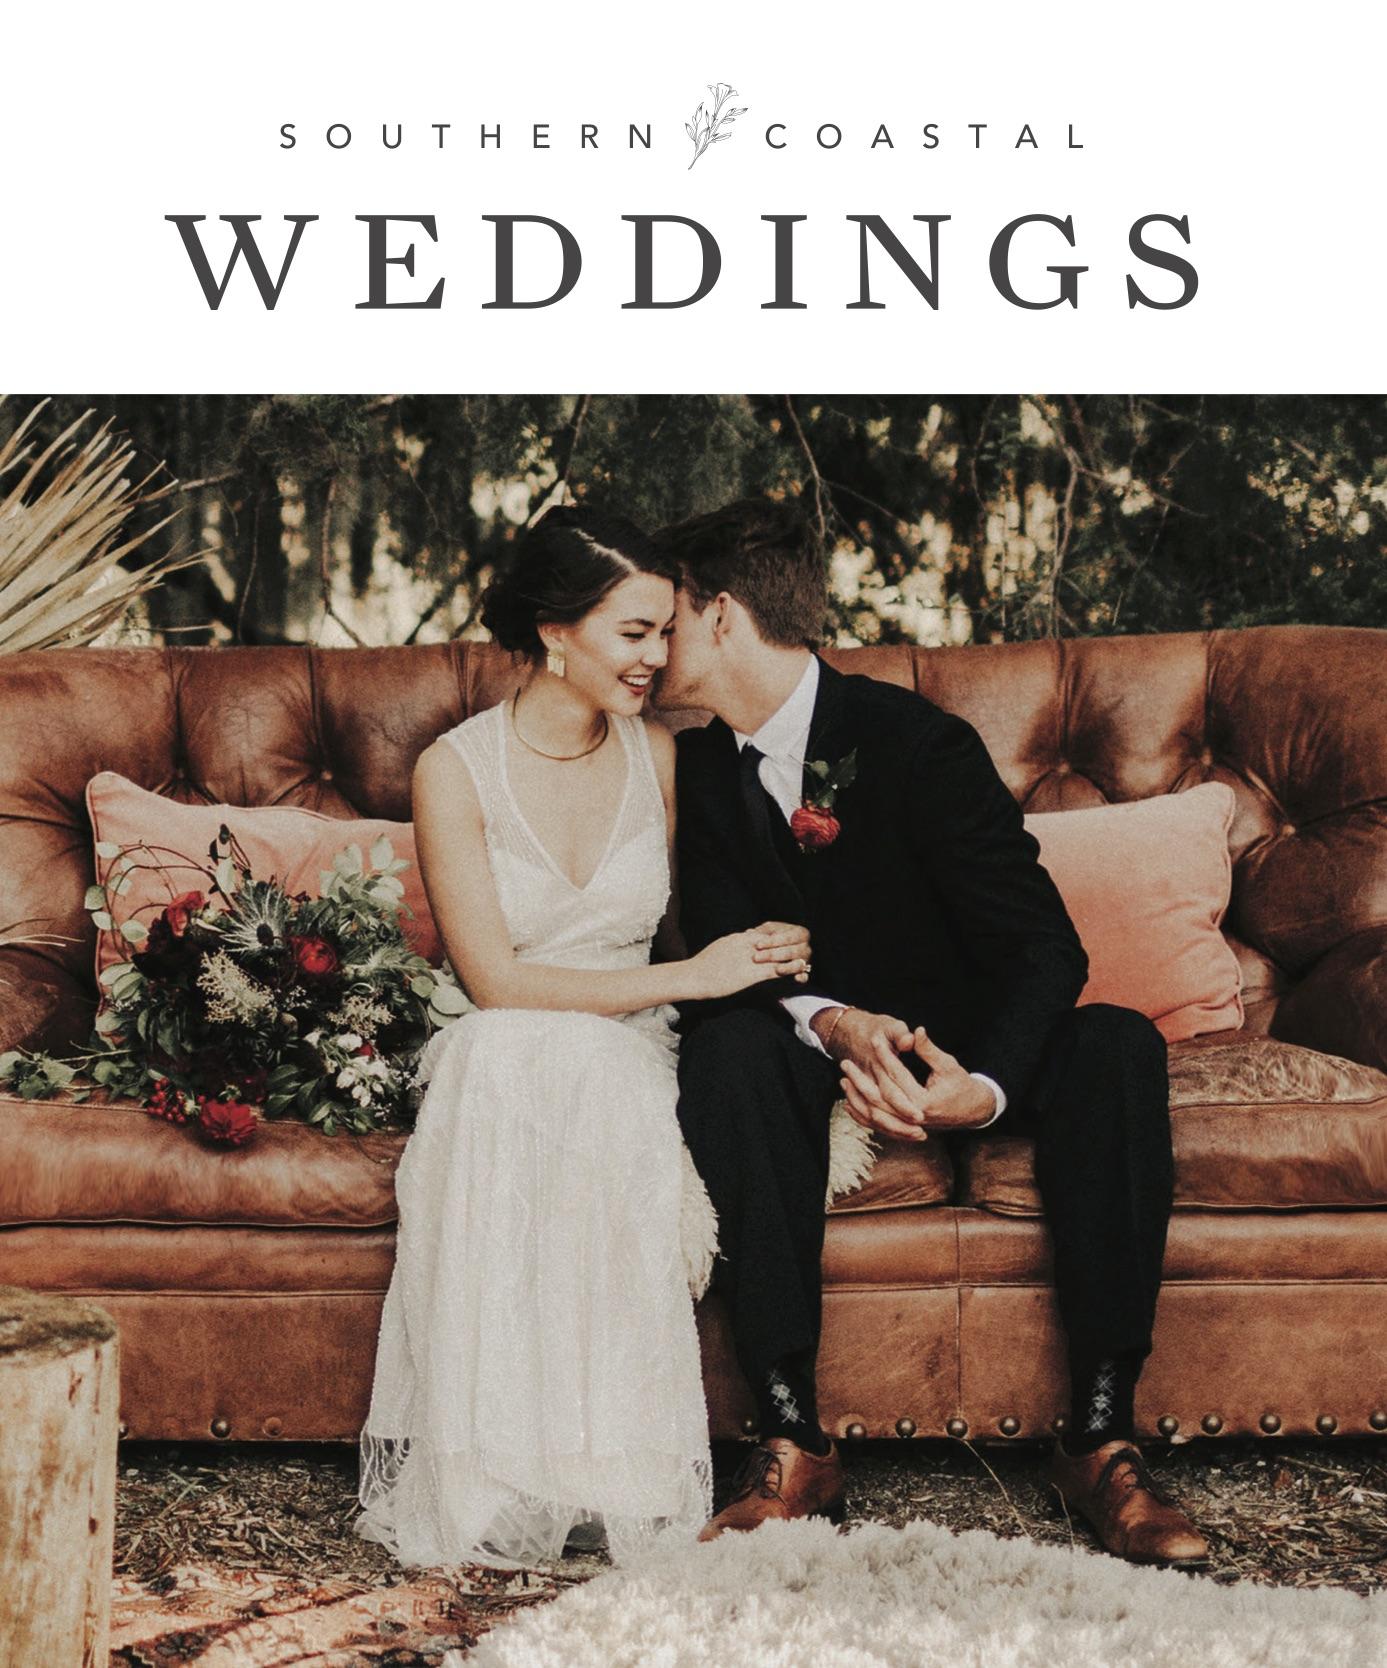 2018 Weddings Cover.jpg